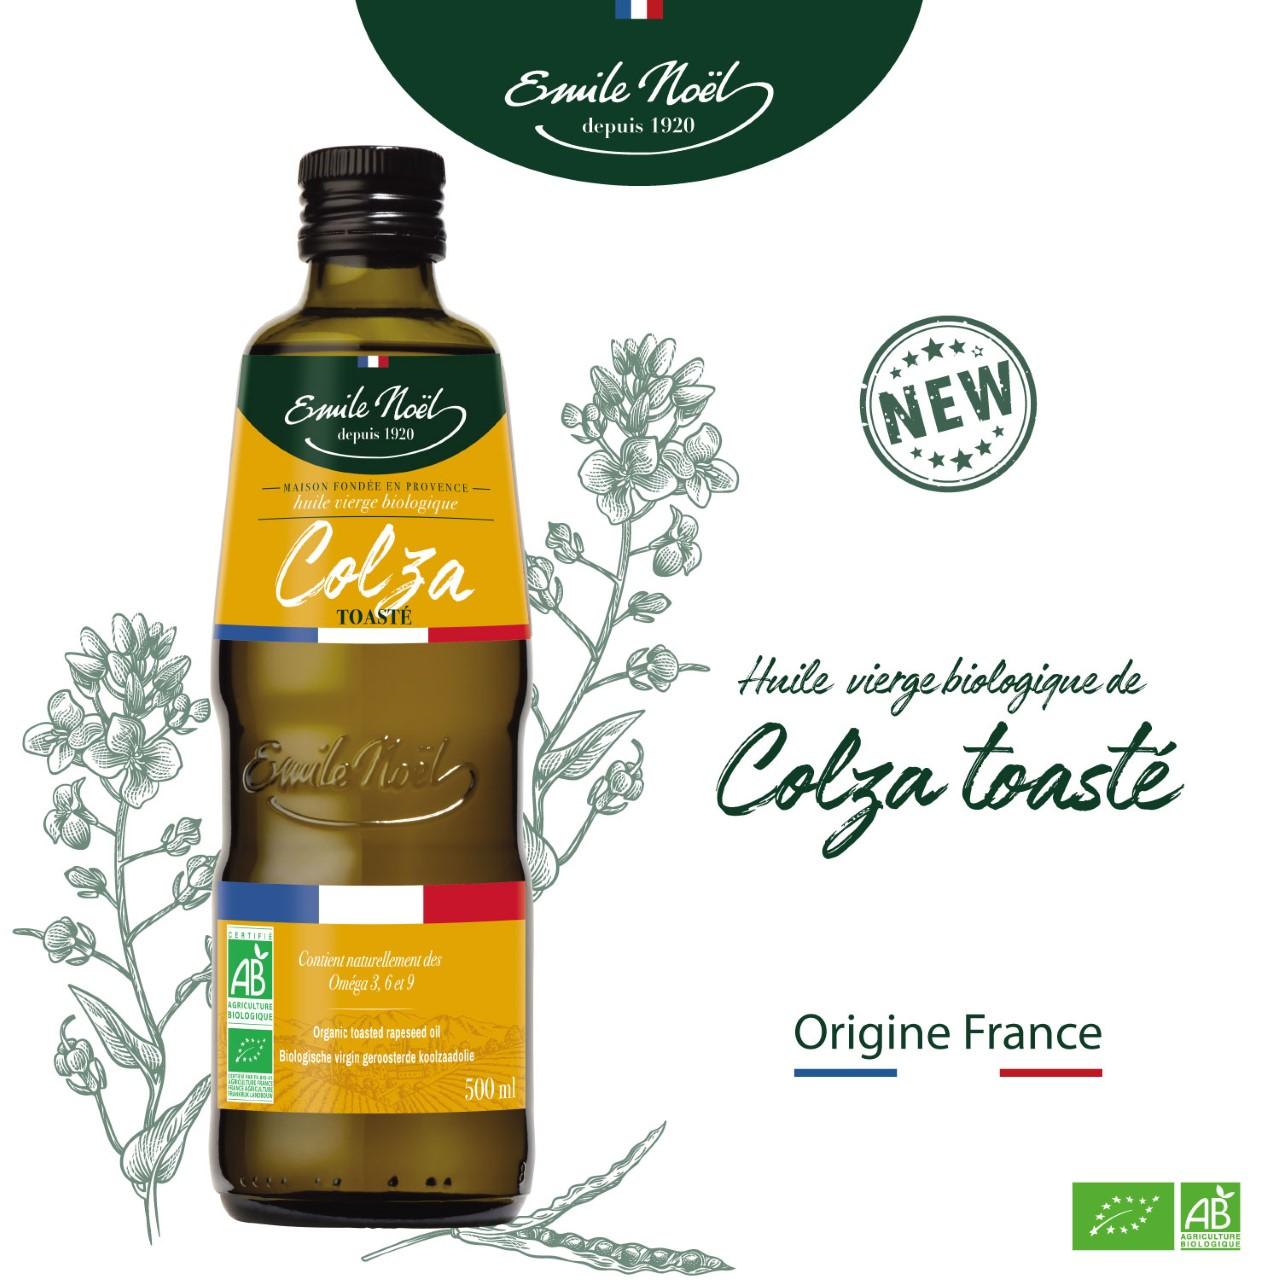 actualité nouvelle huile de colza toasté Emile Noël